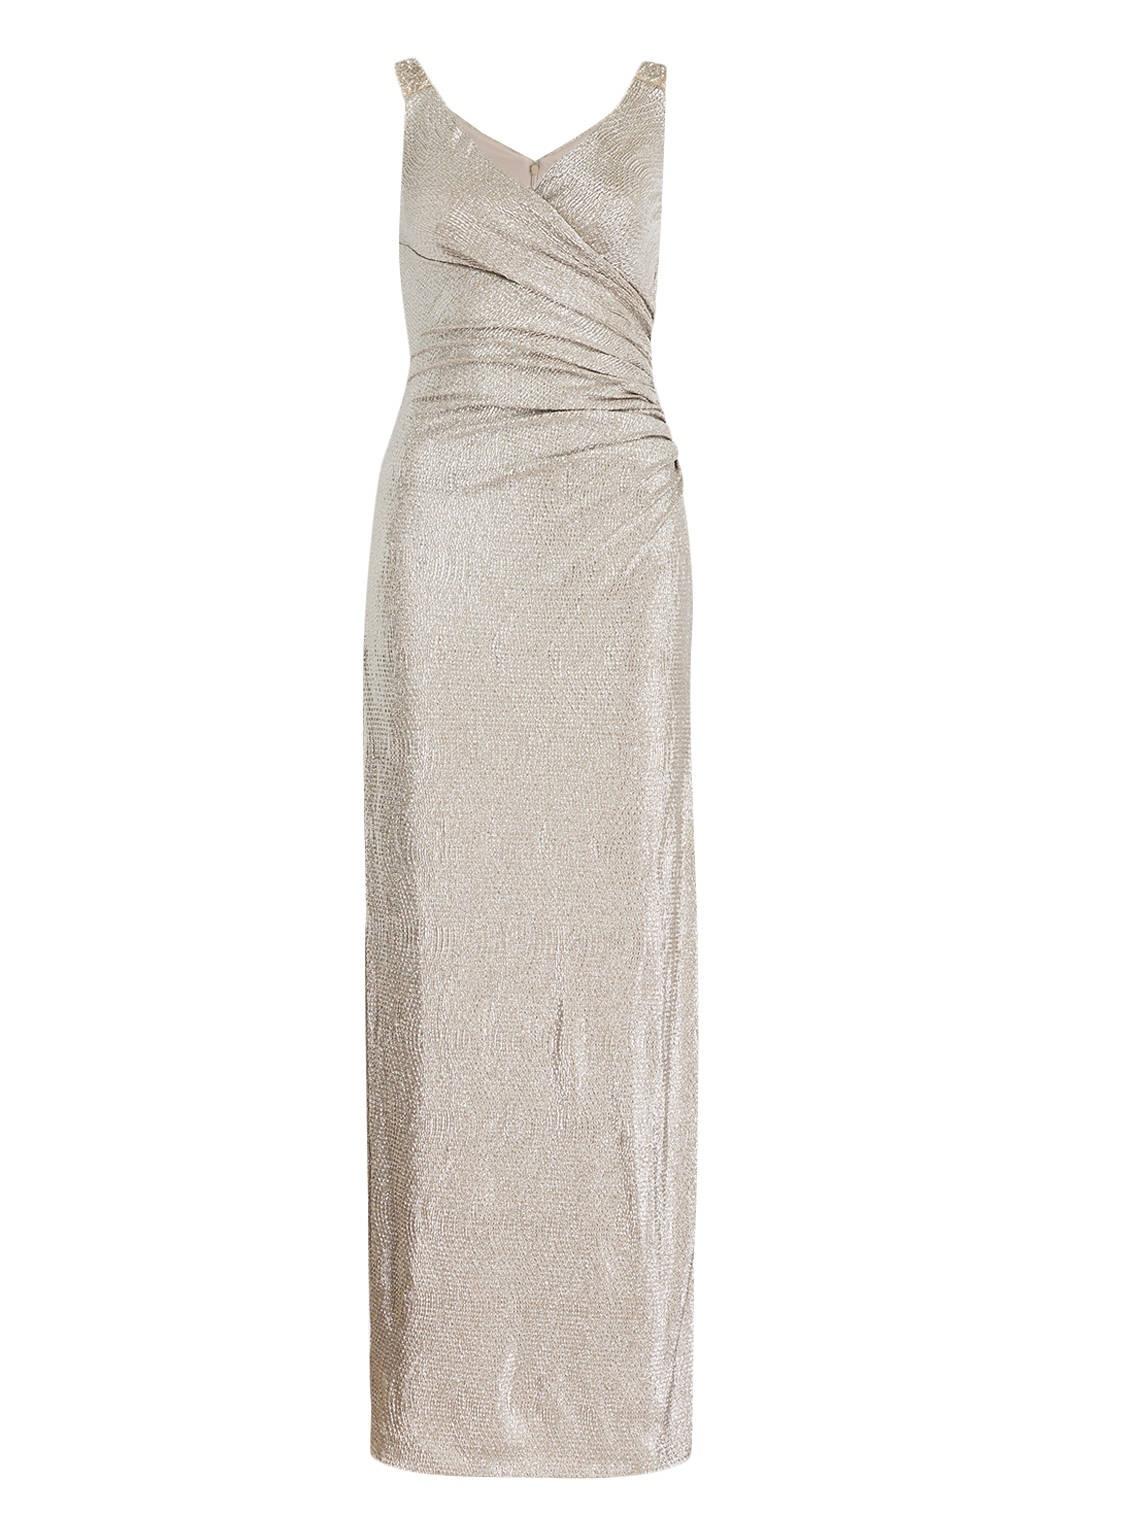 13 Top Online Abendkleider Bestellen Ärmel13 Kreativ Online Abendkleider Bestellen Spezialgebiet